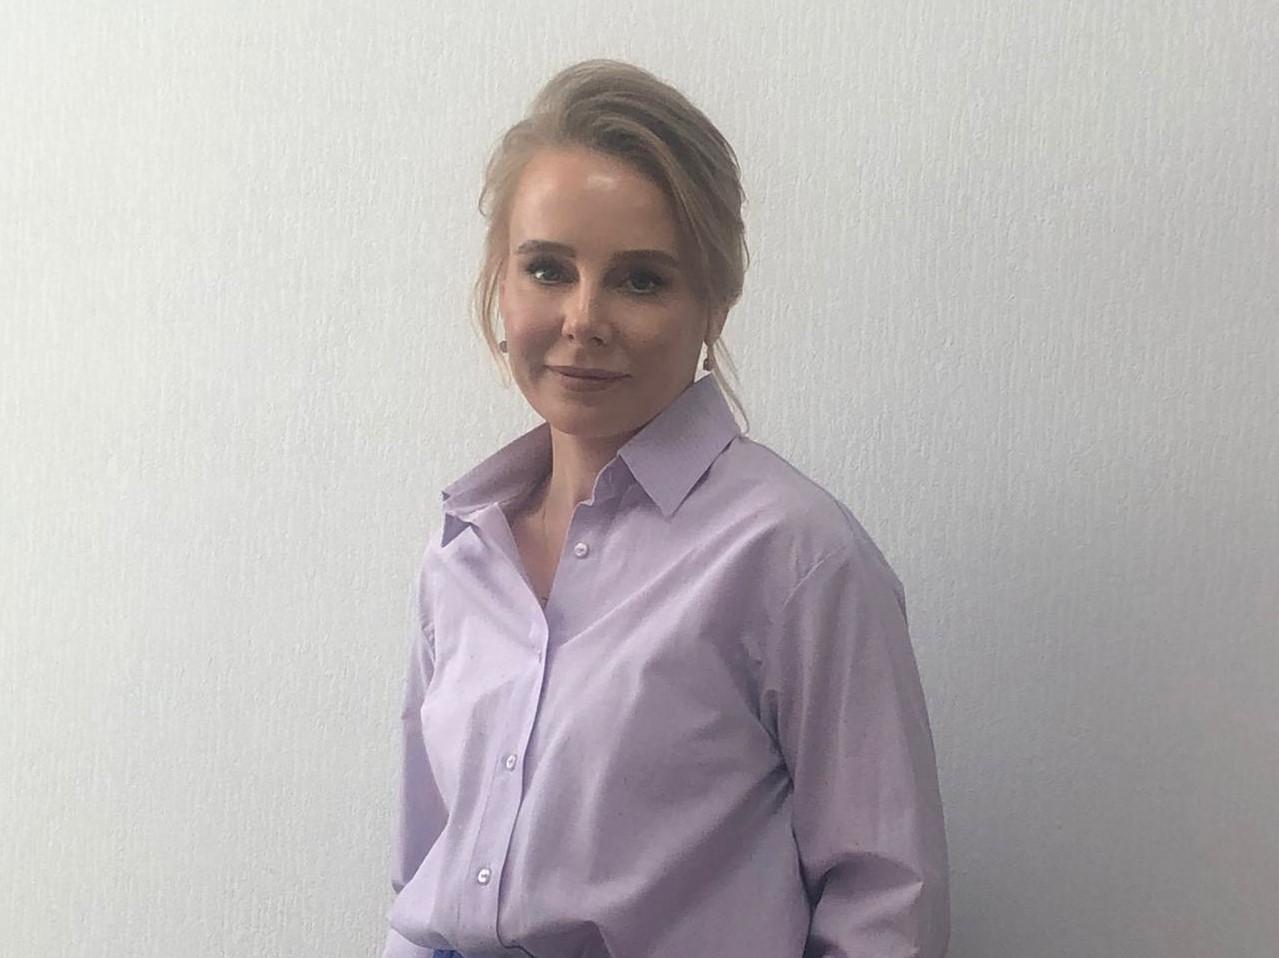 Ирина Кучина,заместитель руководителя дивизиона «Урал» компании «Балтийский лизинг»